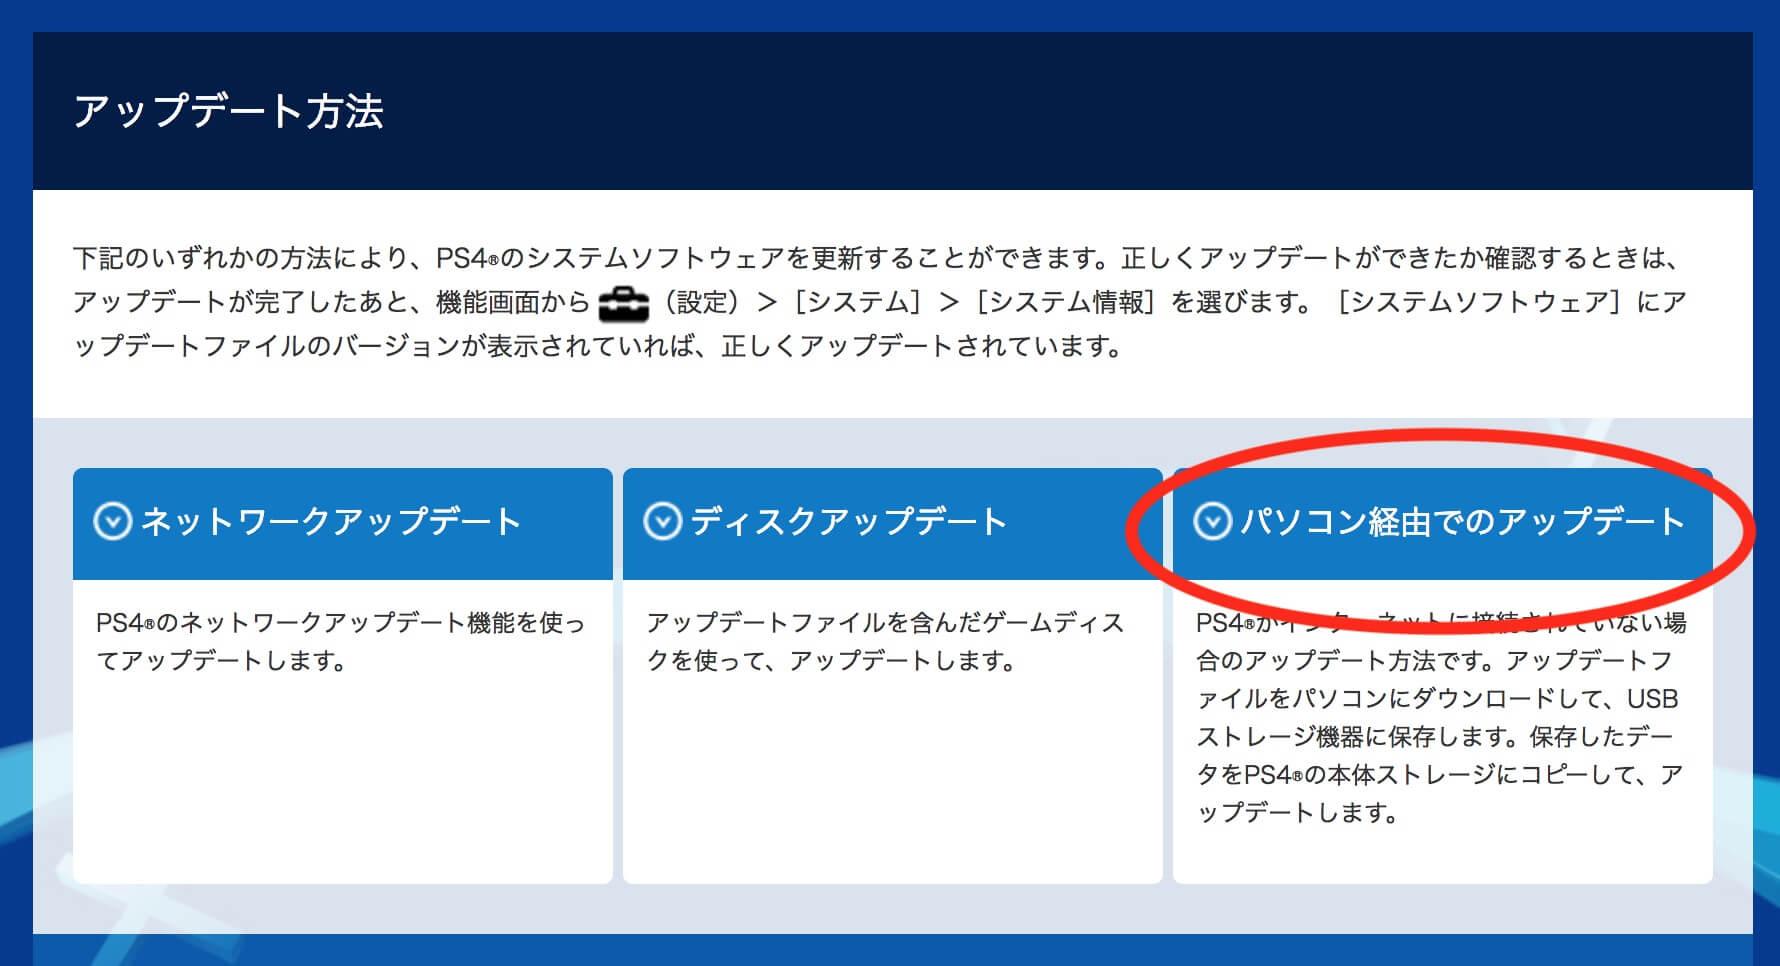 PlayStation公式サイト